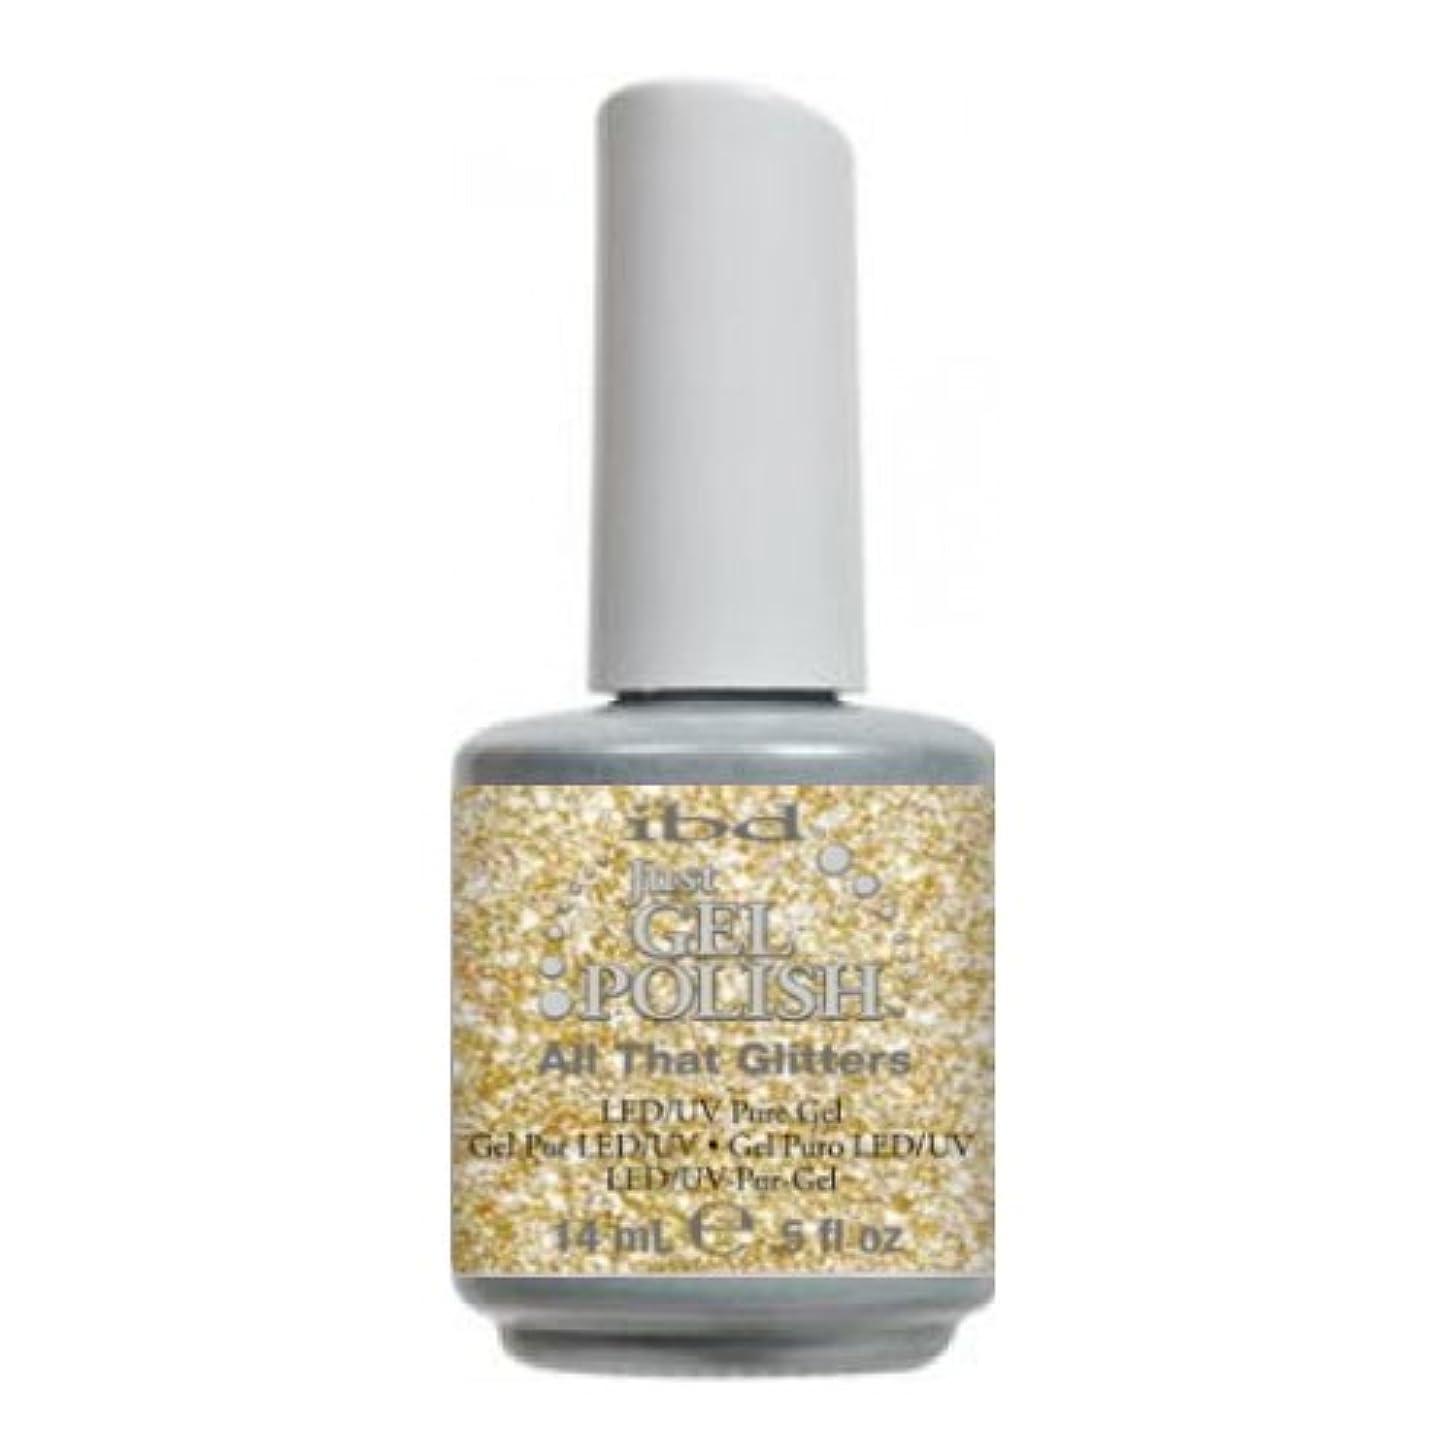 鬼ごっこ認証過度のibd Just Gel Polish - All That Glitters (並行輸入品)